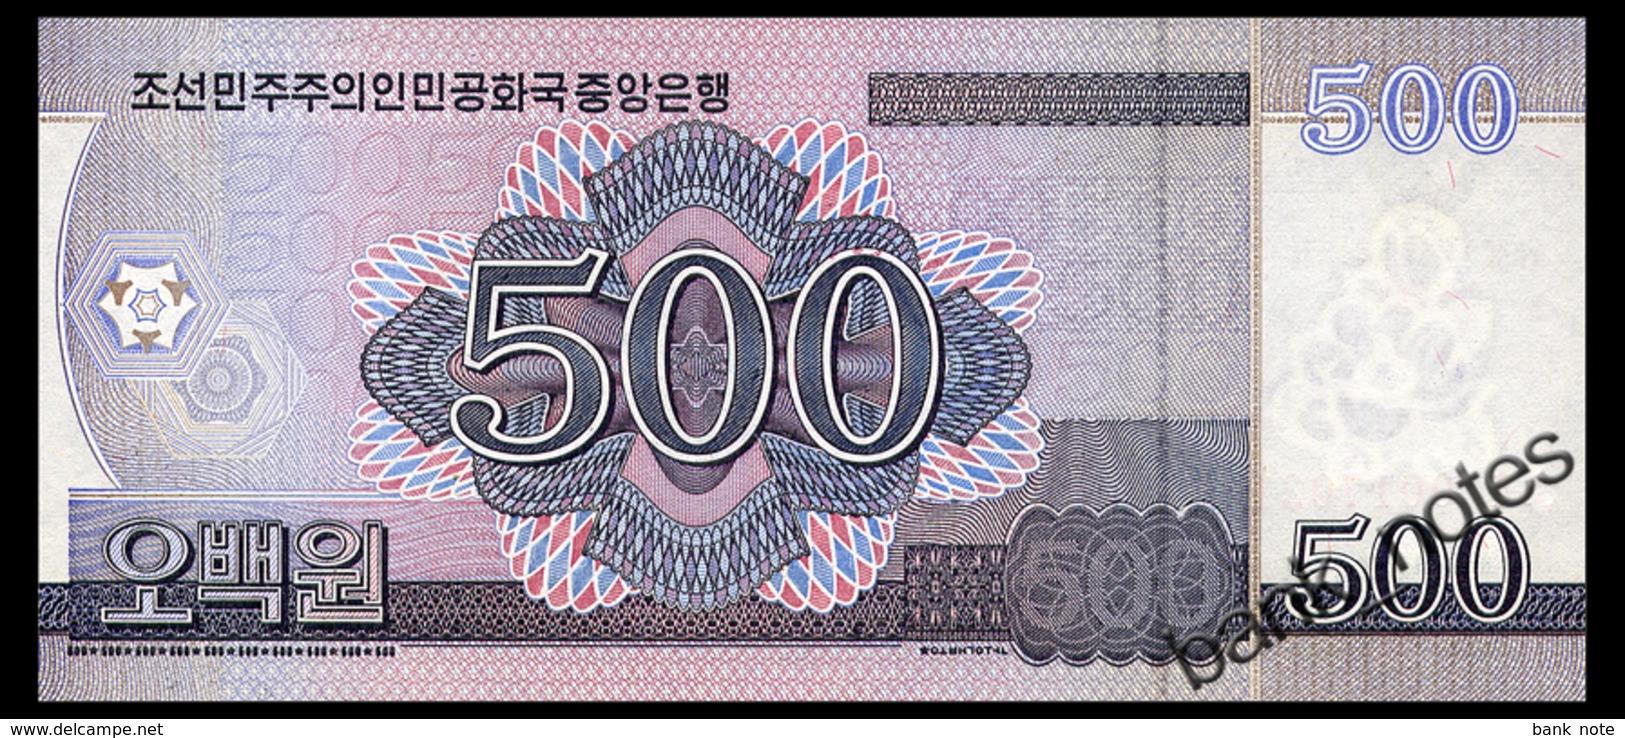 NORTH KOREA 500 WON 2008(2013) COMMRMORATIVE Pick CS14 Unc - Korea, North